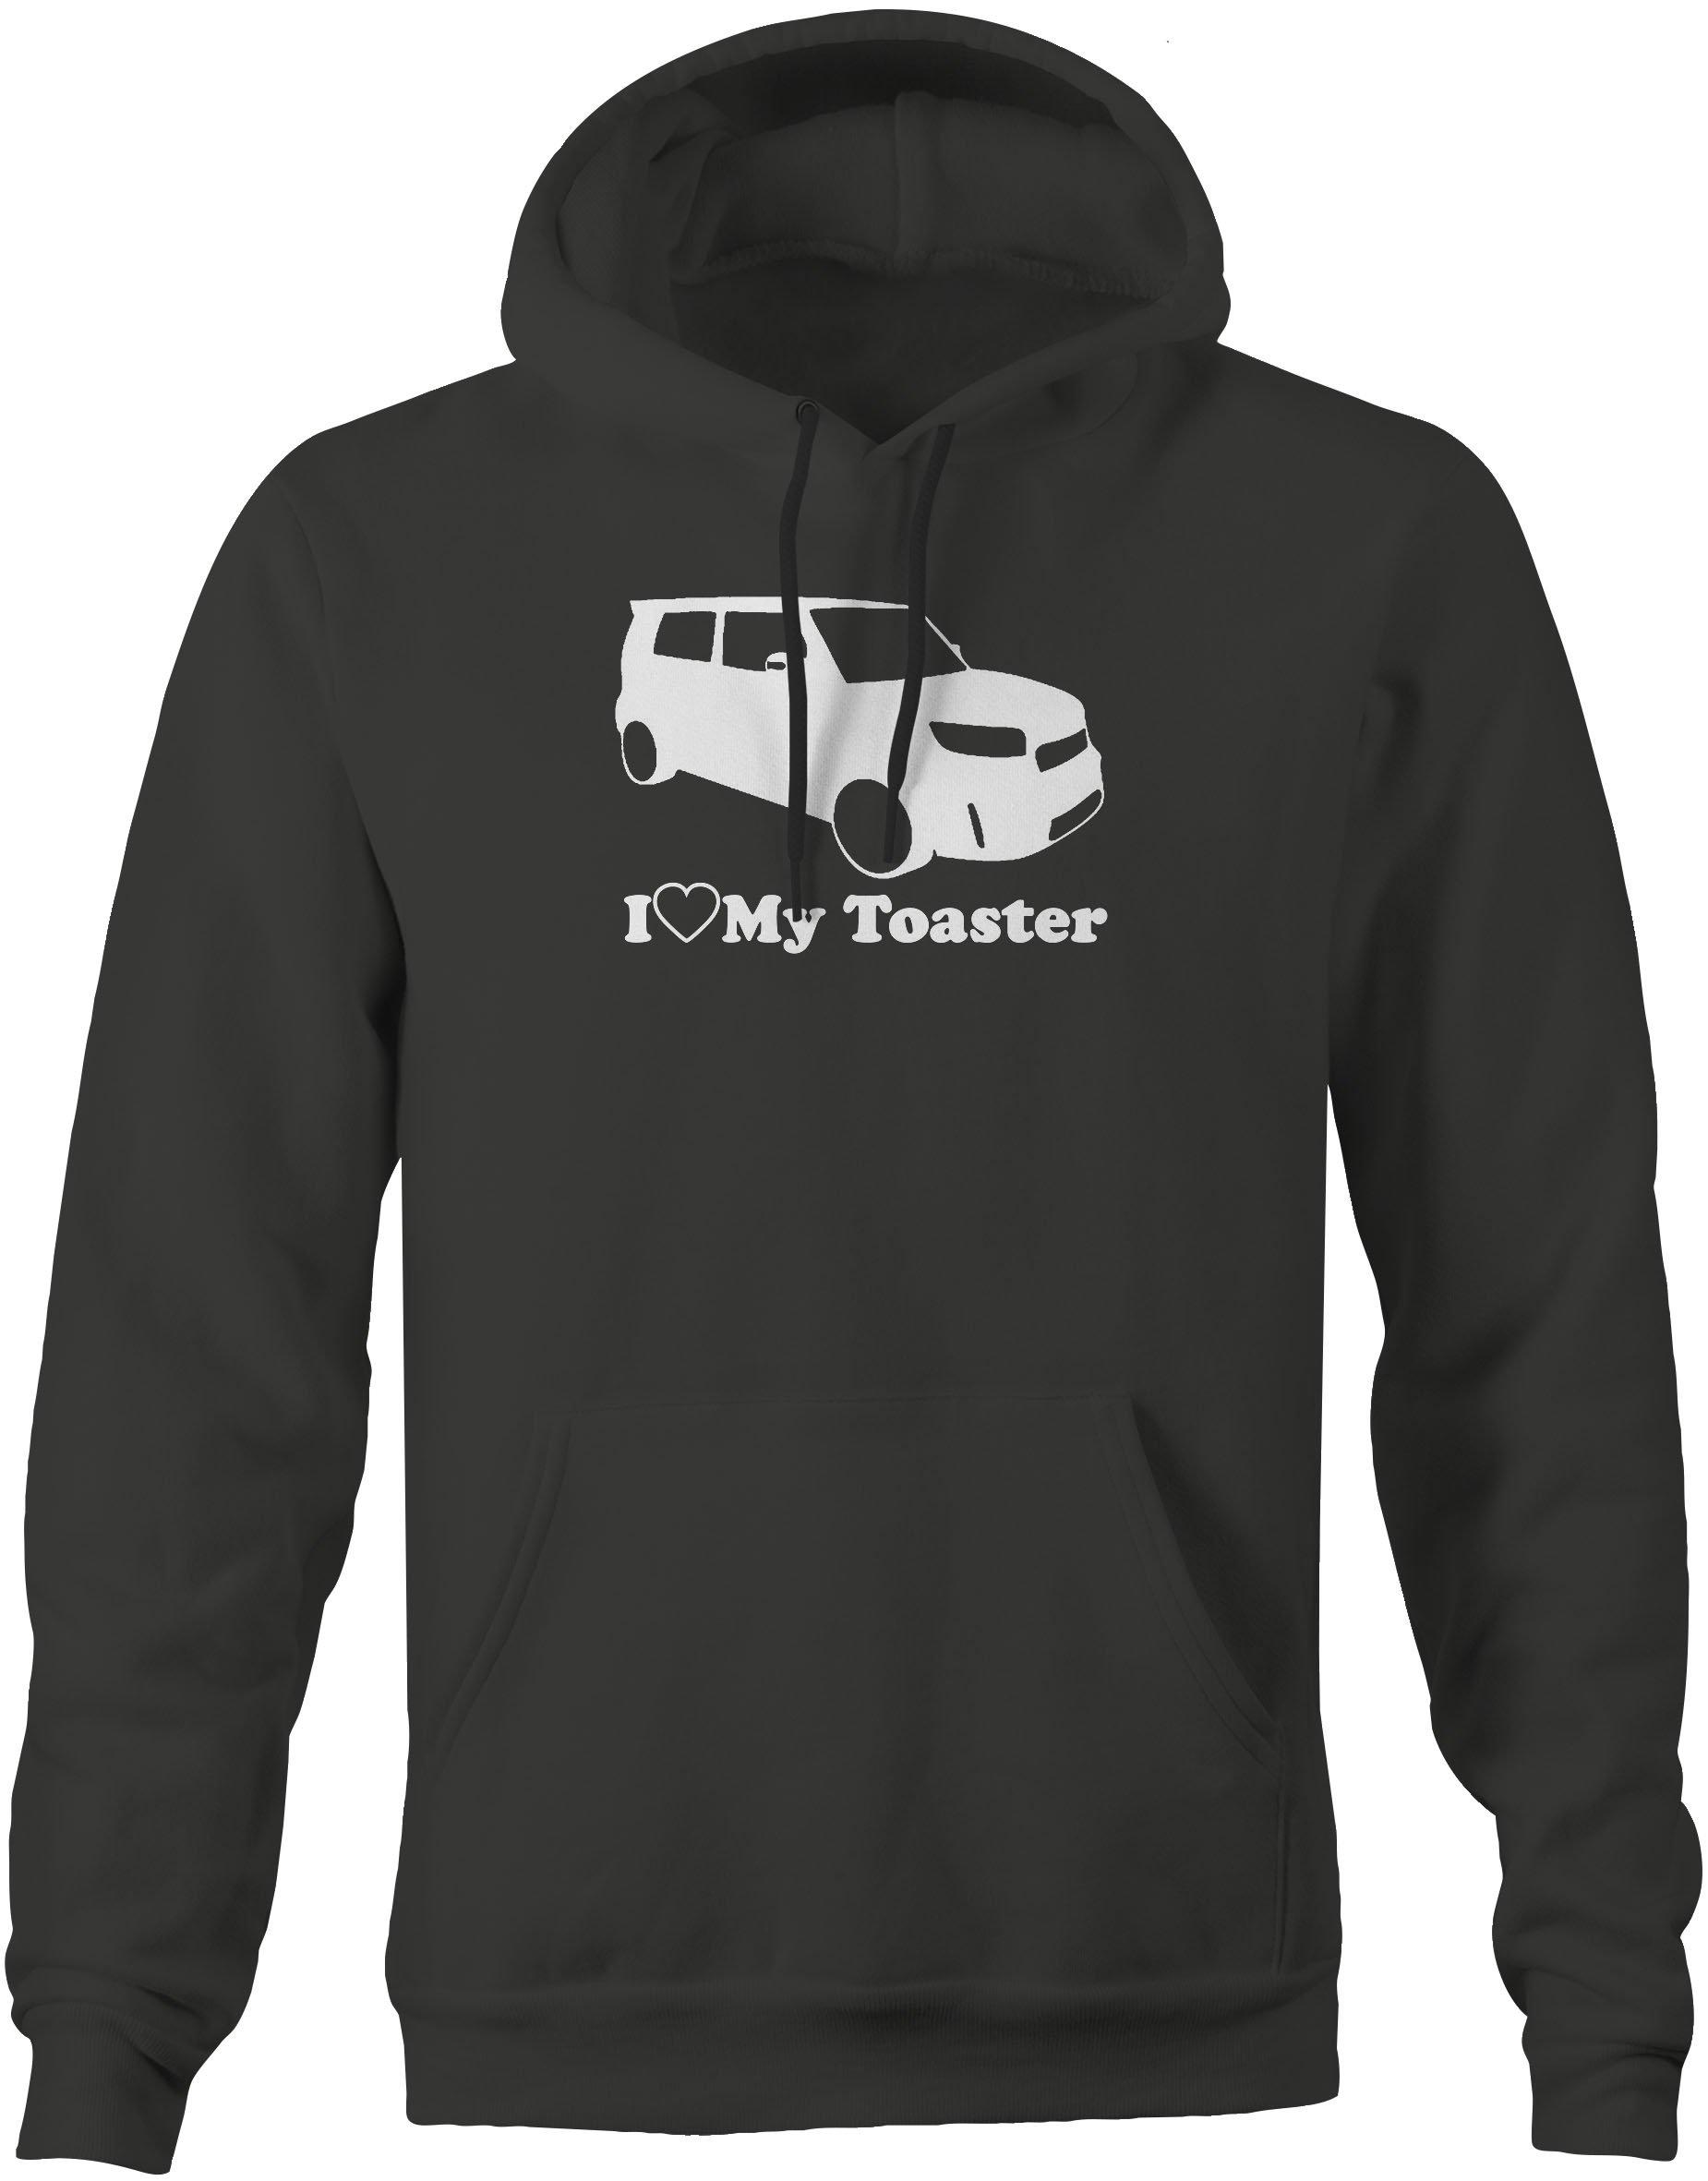 I Love My Toaster Scion XB Lowered Custom Sweatshirt - Large